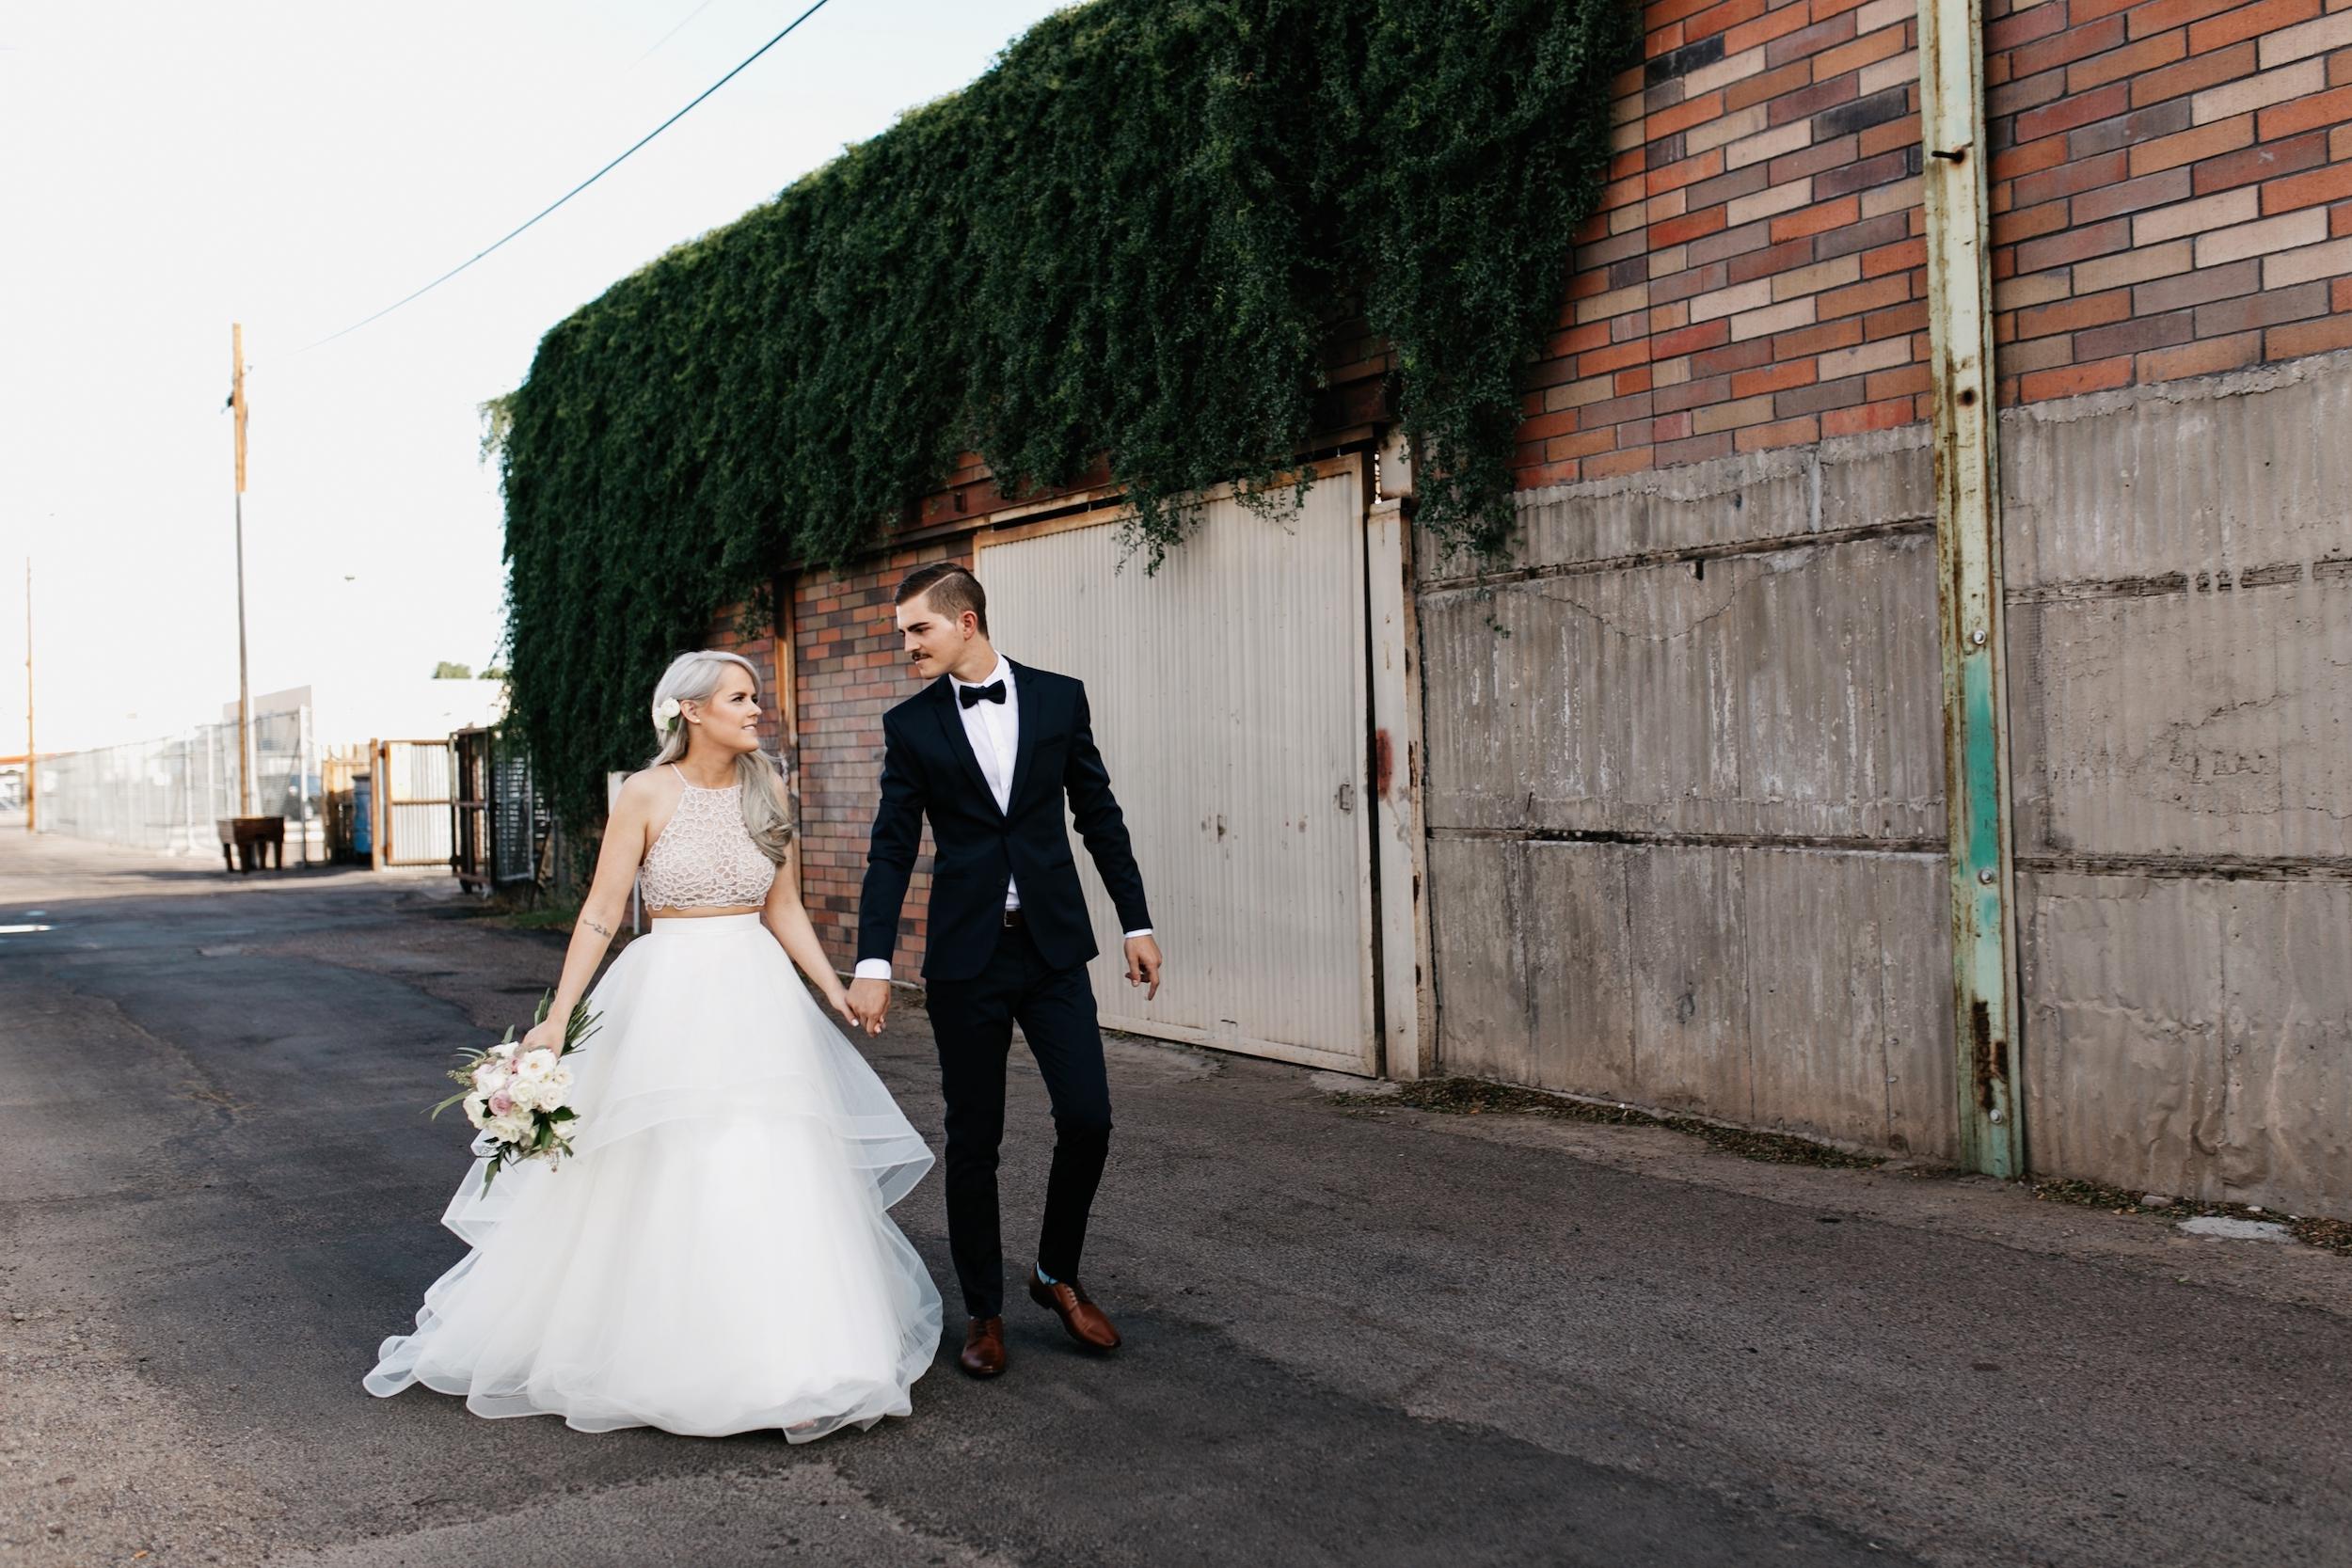 arizona - wedding - photography 01288.jpg